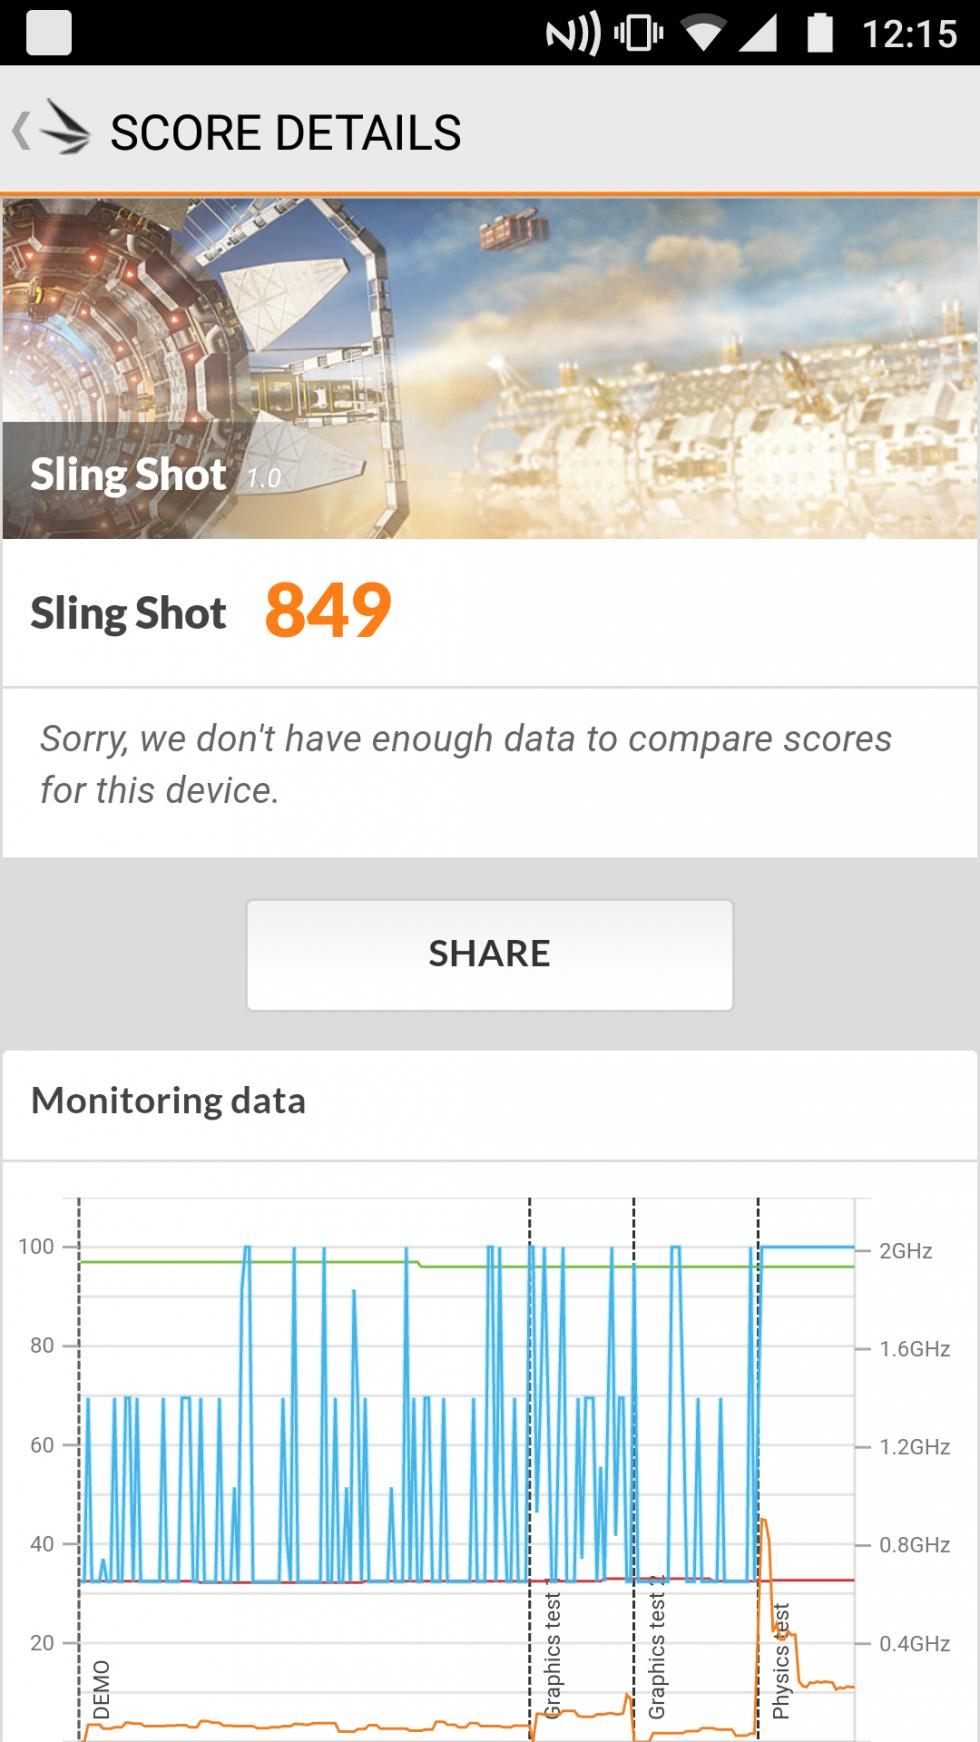 En la aplicación de 3D Mark, en la prueba de Sling Shot 1.0, el móvil obtiene 849 puntos